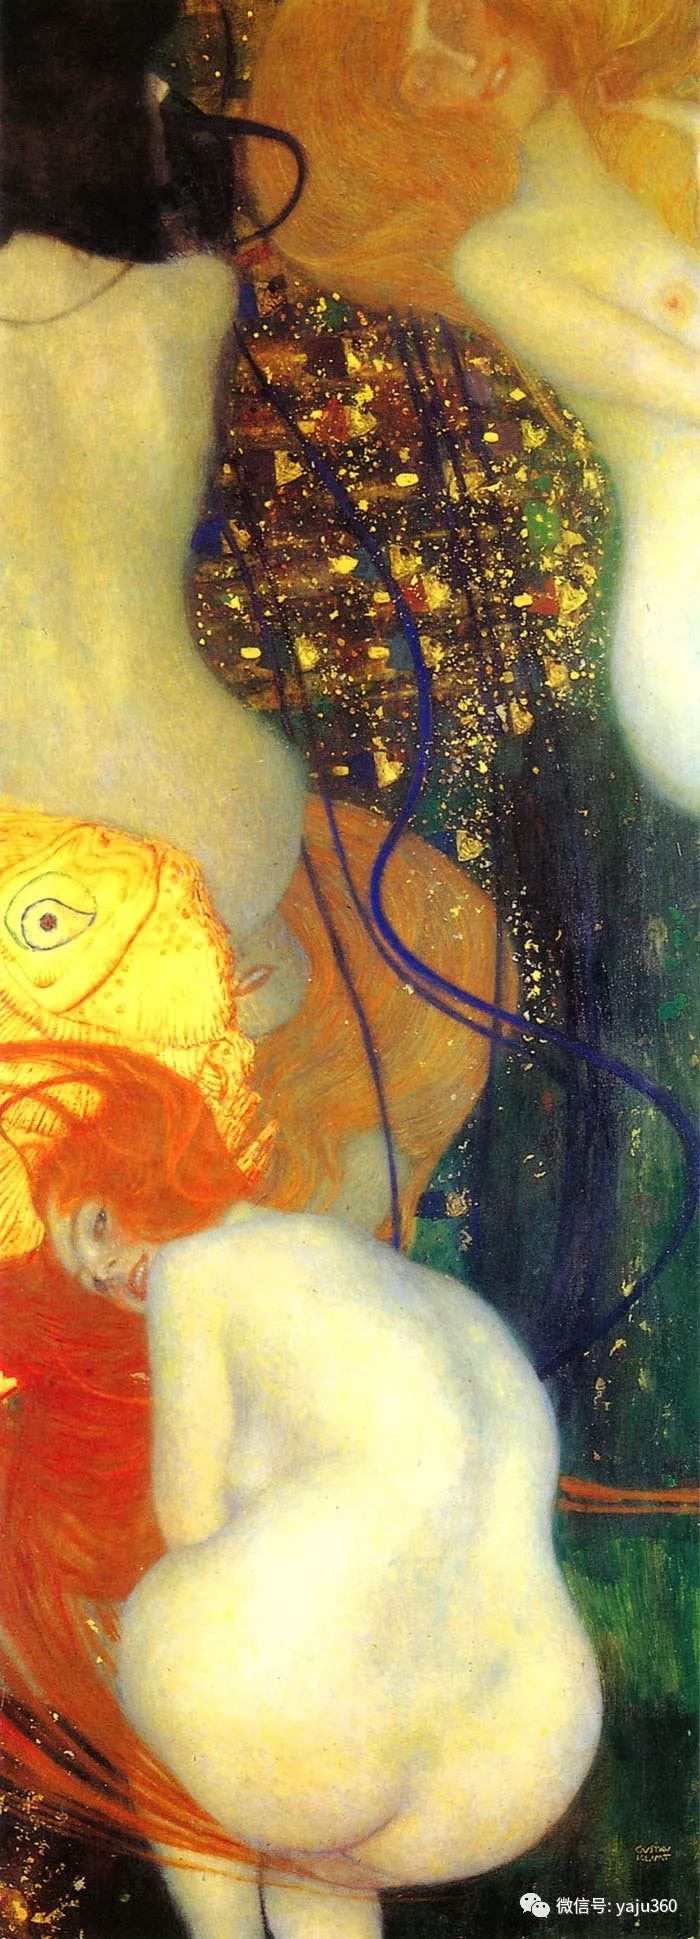 奥地利知名象征主义画家克里姆特画集插图10